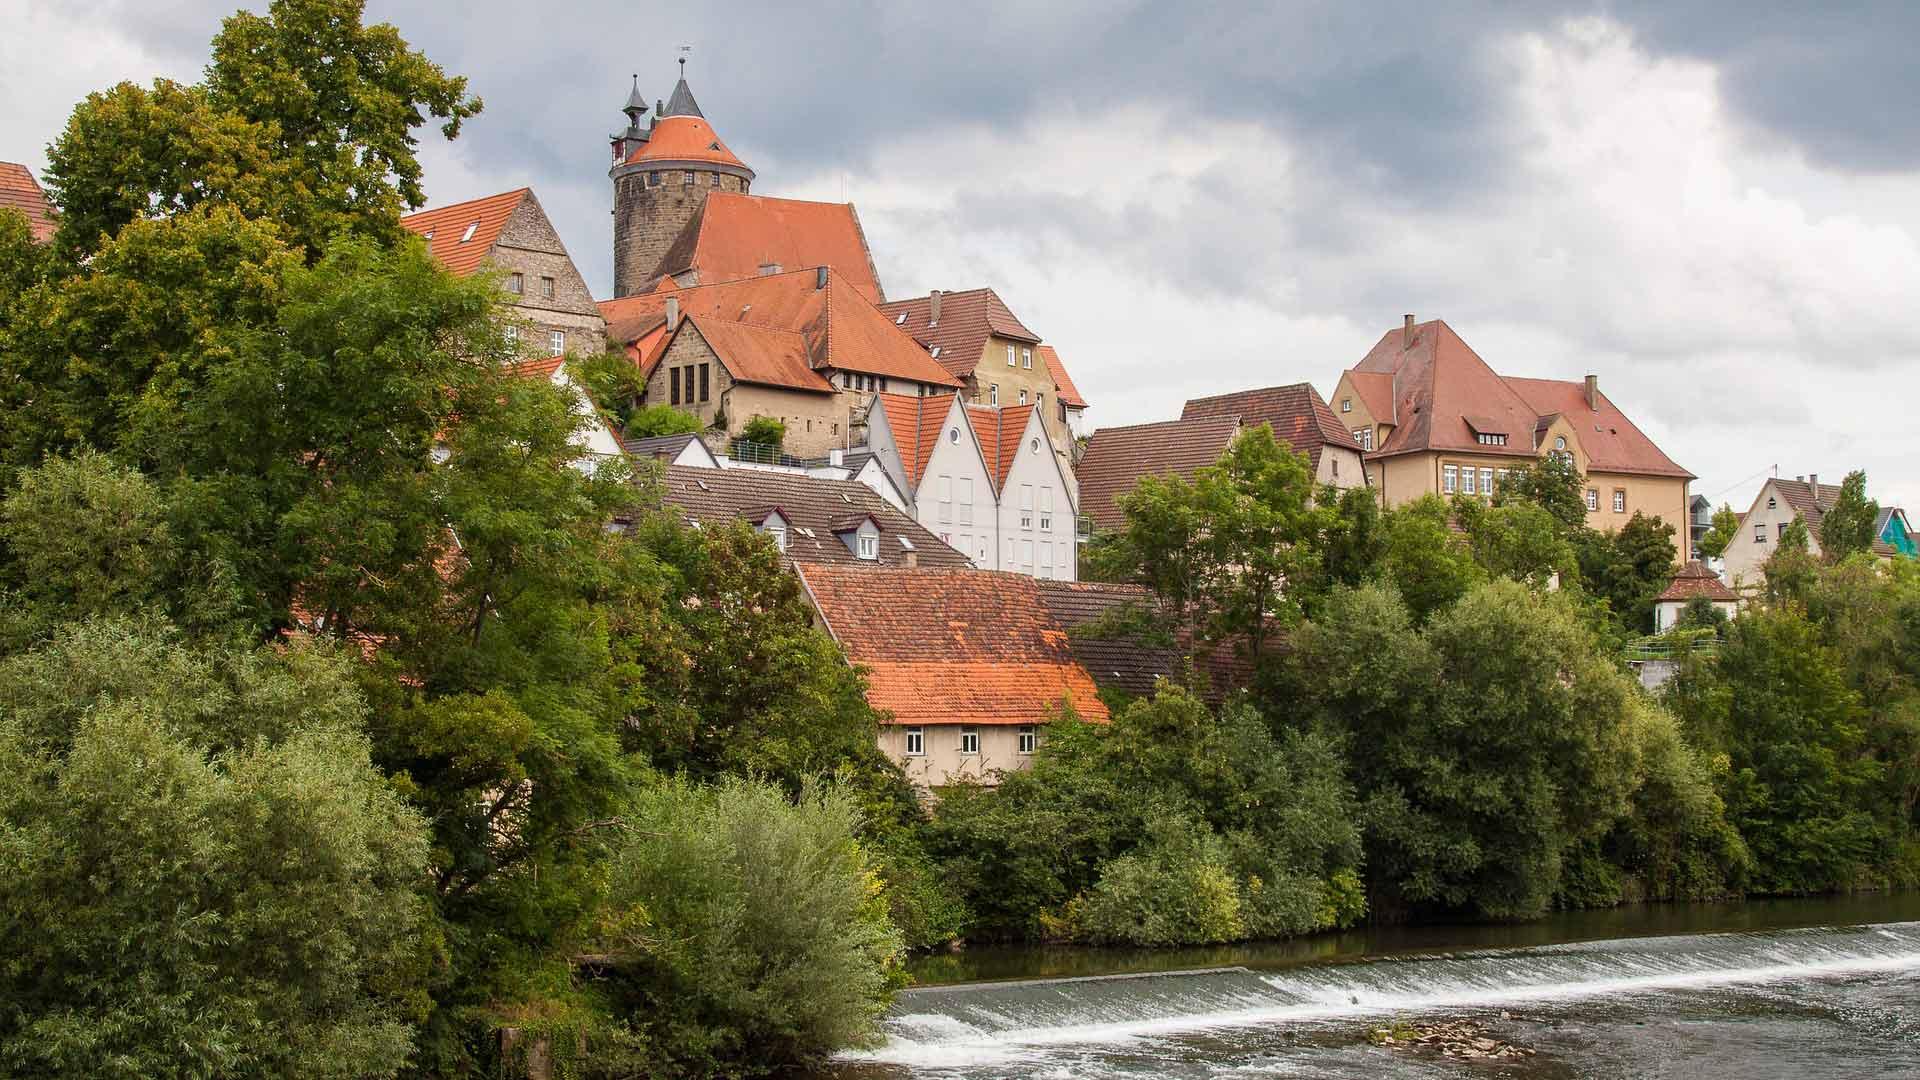 Bezoek schilderachtige stadjes zoals Besigheim